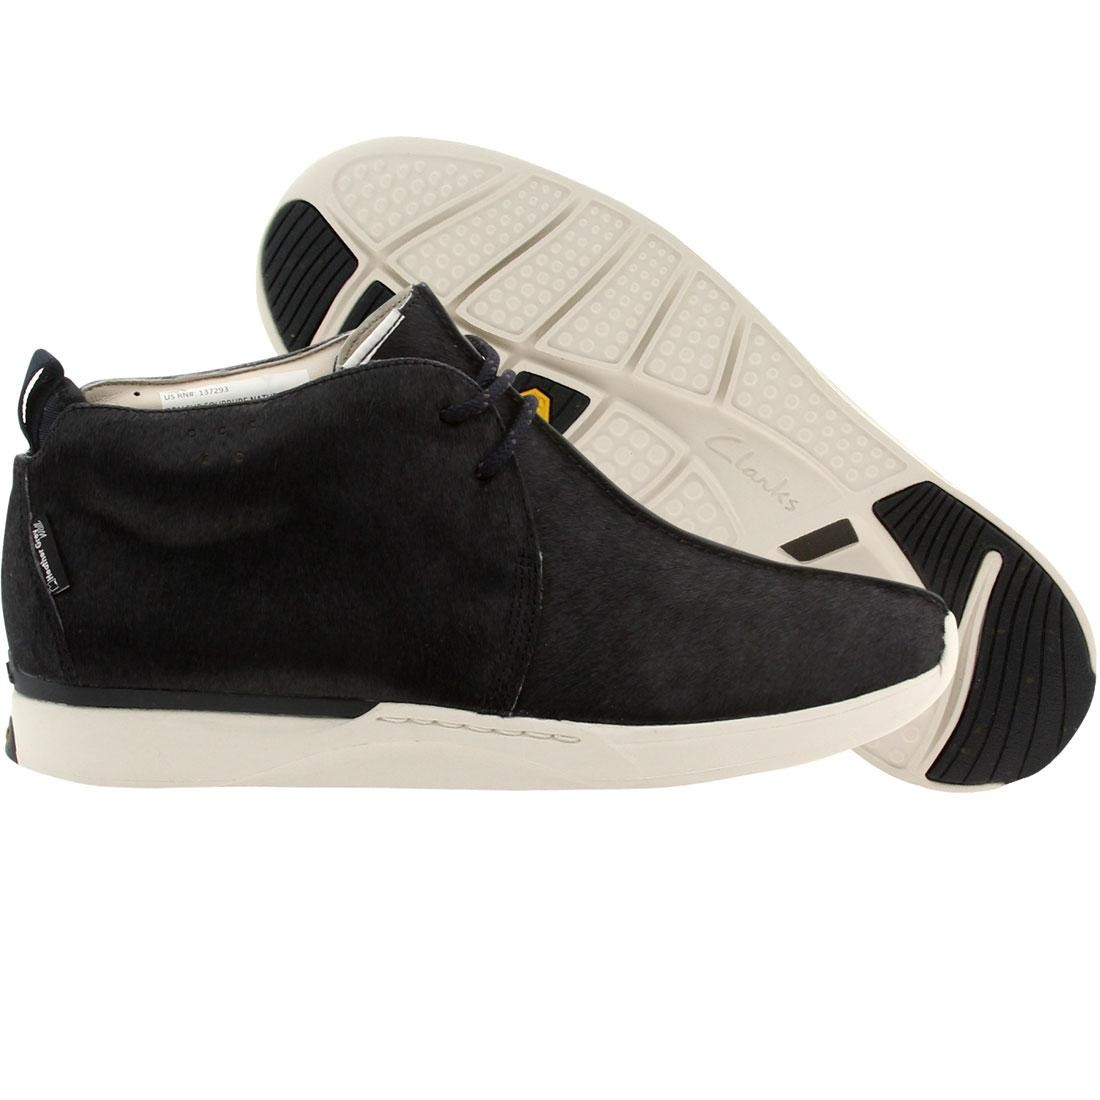 【海外限定】クラークス ヘザー 灰色 グレー グレイ ブーツ スニーカー メンズ靴 【 HEATHER GRAY CLARKS X WALL MEN TRAXTER BOOT NAVY 】